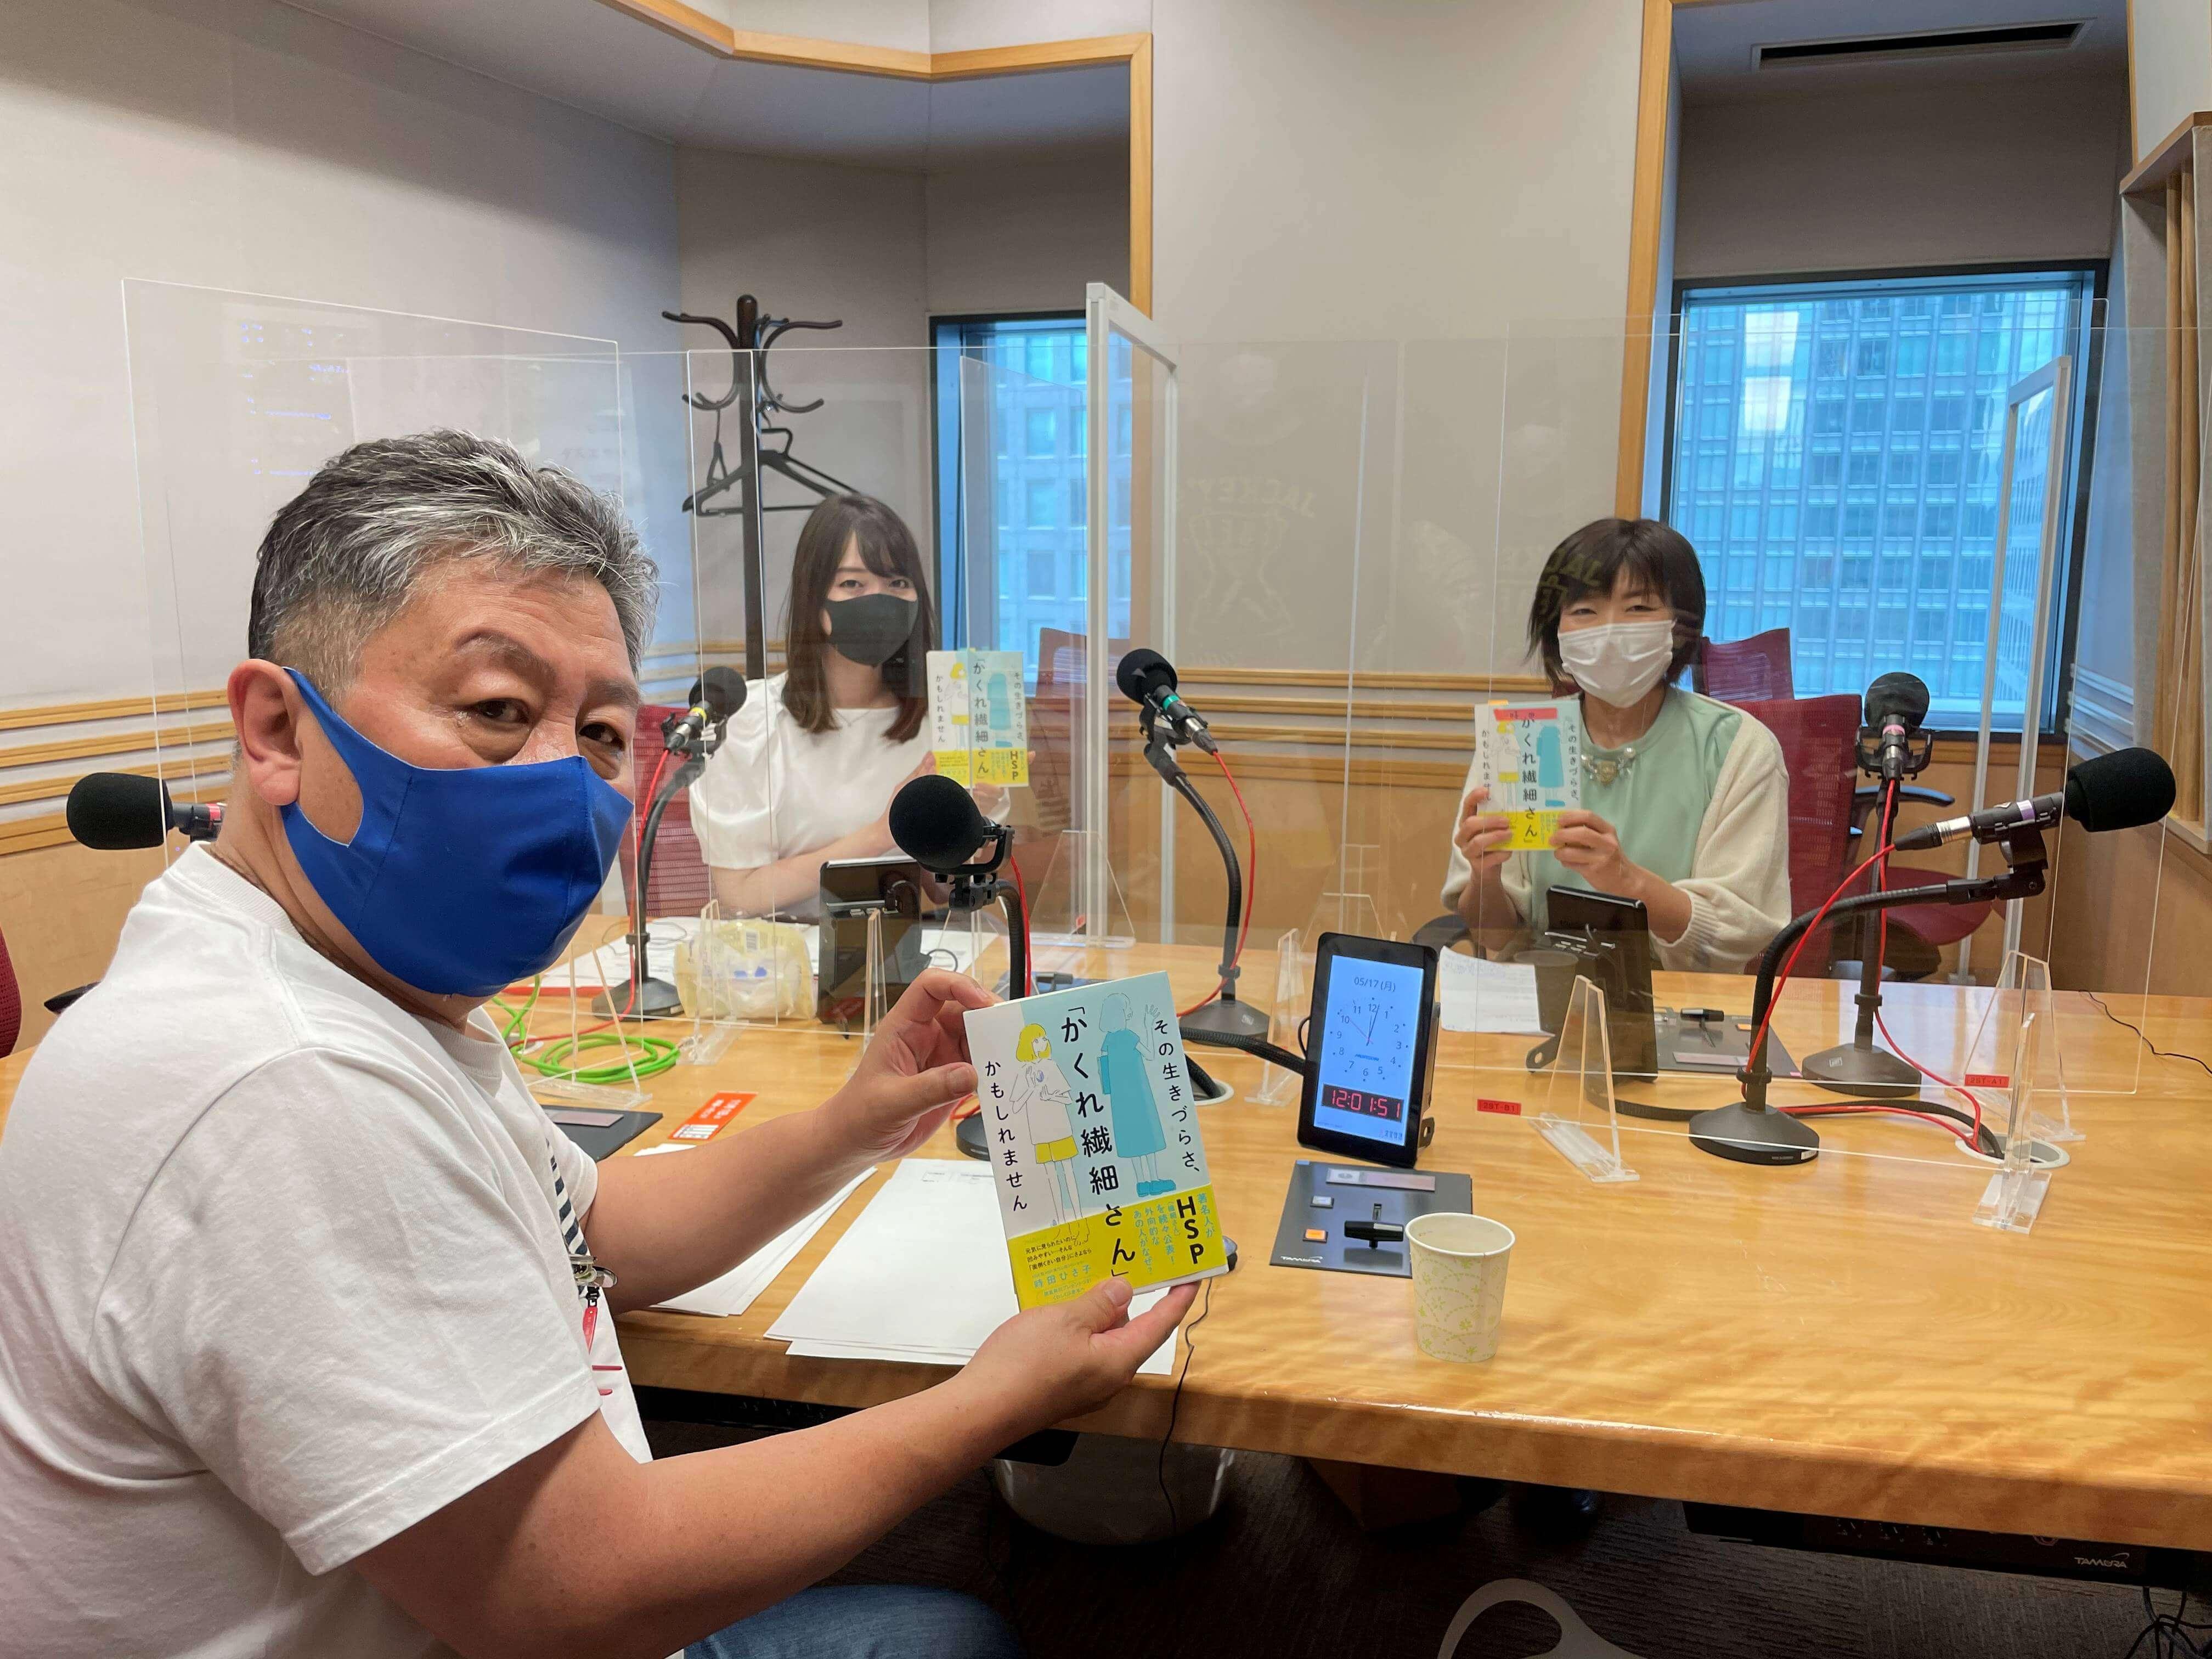 『くにまるジャパン極・本屋さんへ行こう!』5月17日(月)のお客様:時田ひさ子さん(心理カウンセラー)